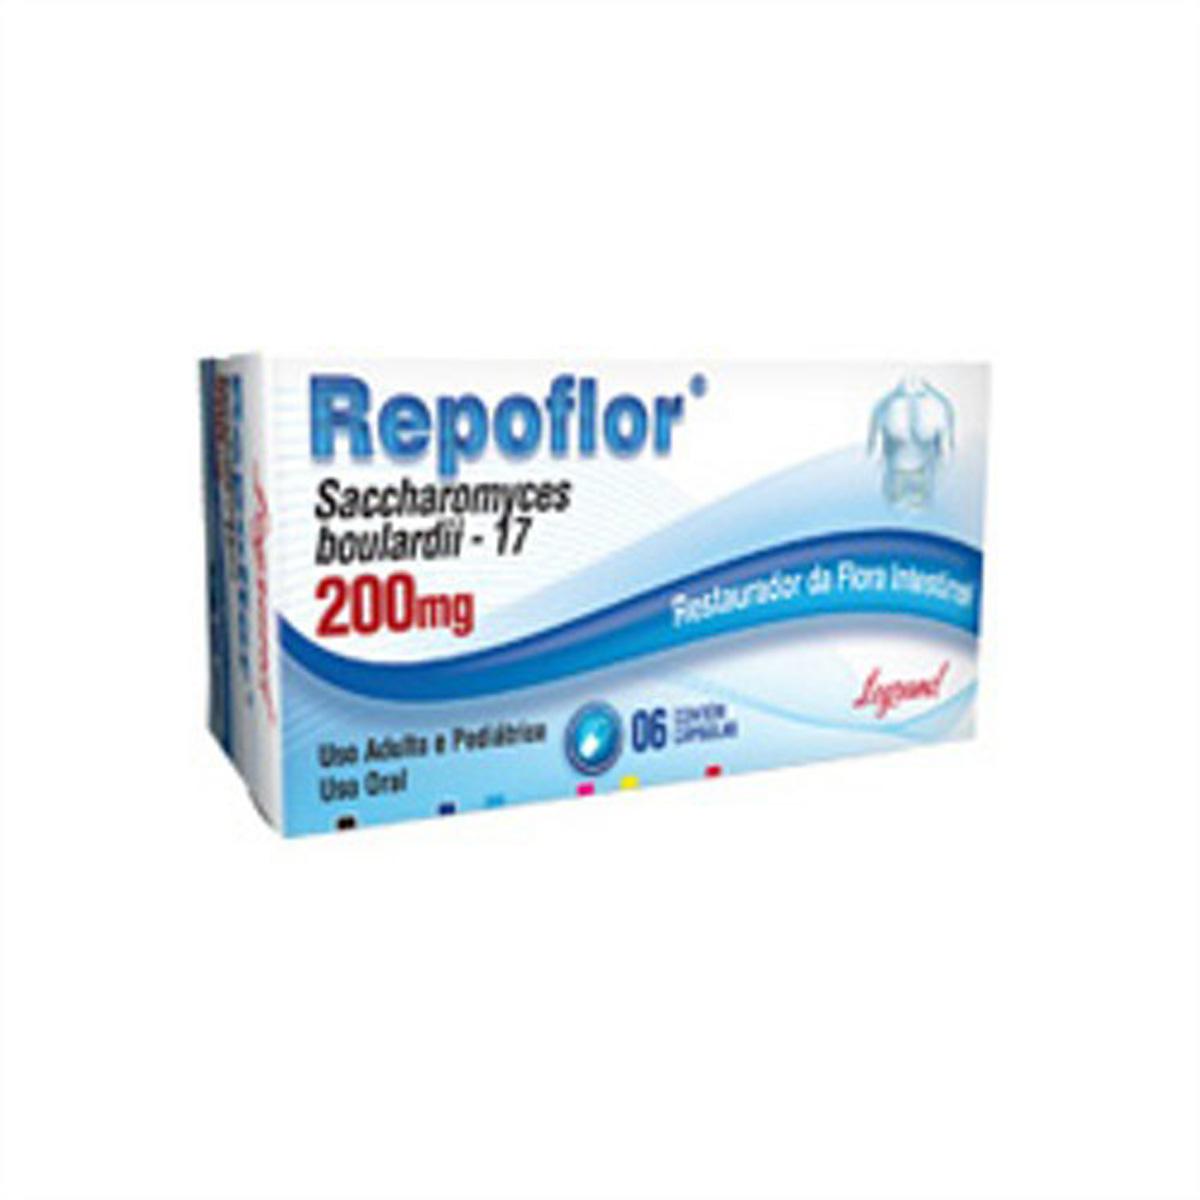 Floratil 200 mg comprimido bula